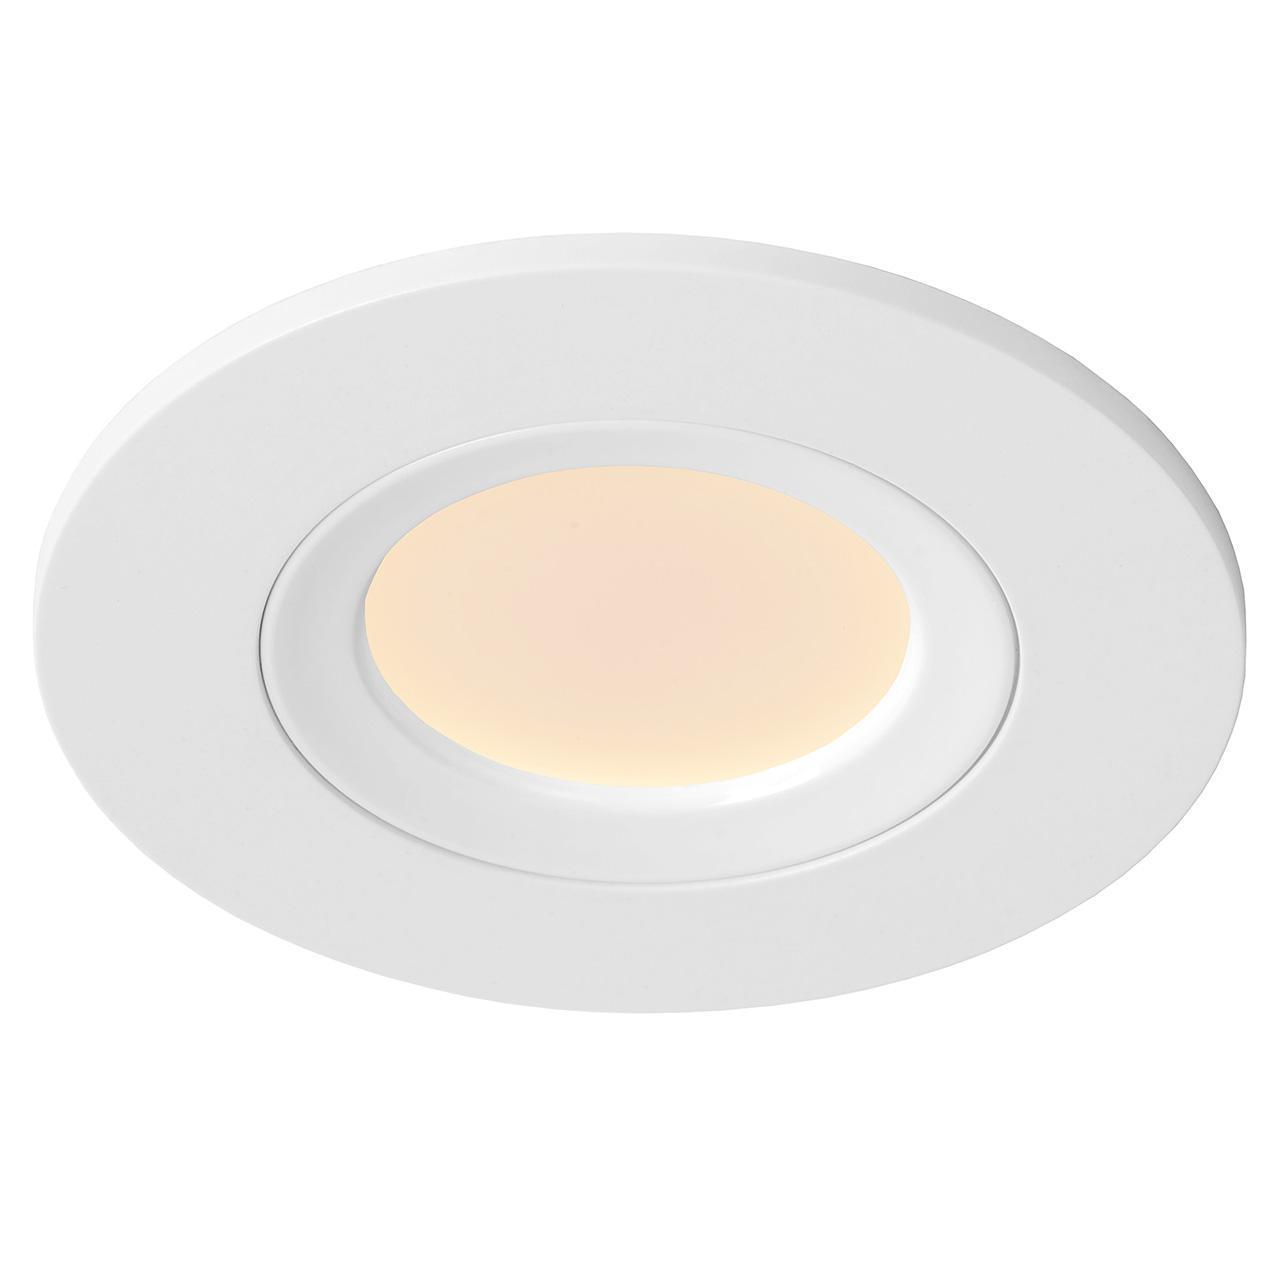 Встраиваемый светодиодный светильник Lucide Inky Led 22970/18/99